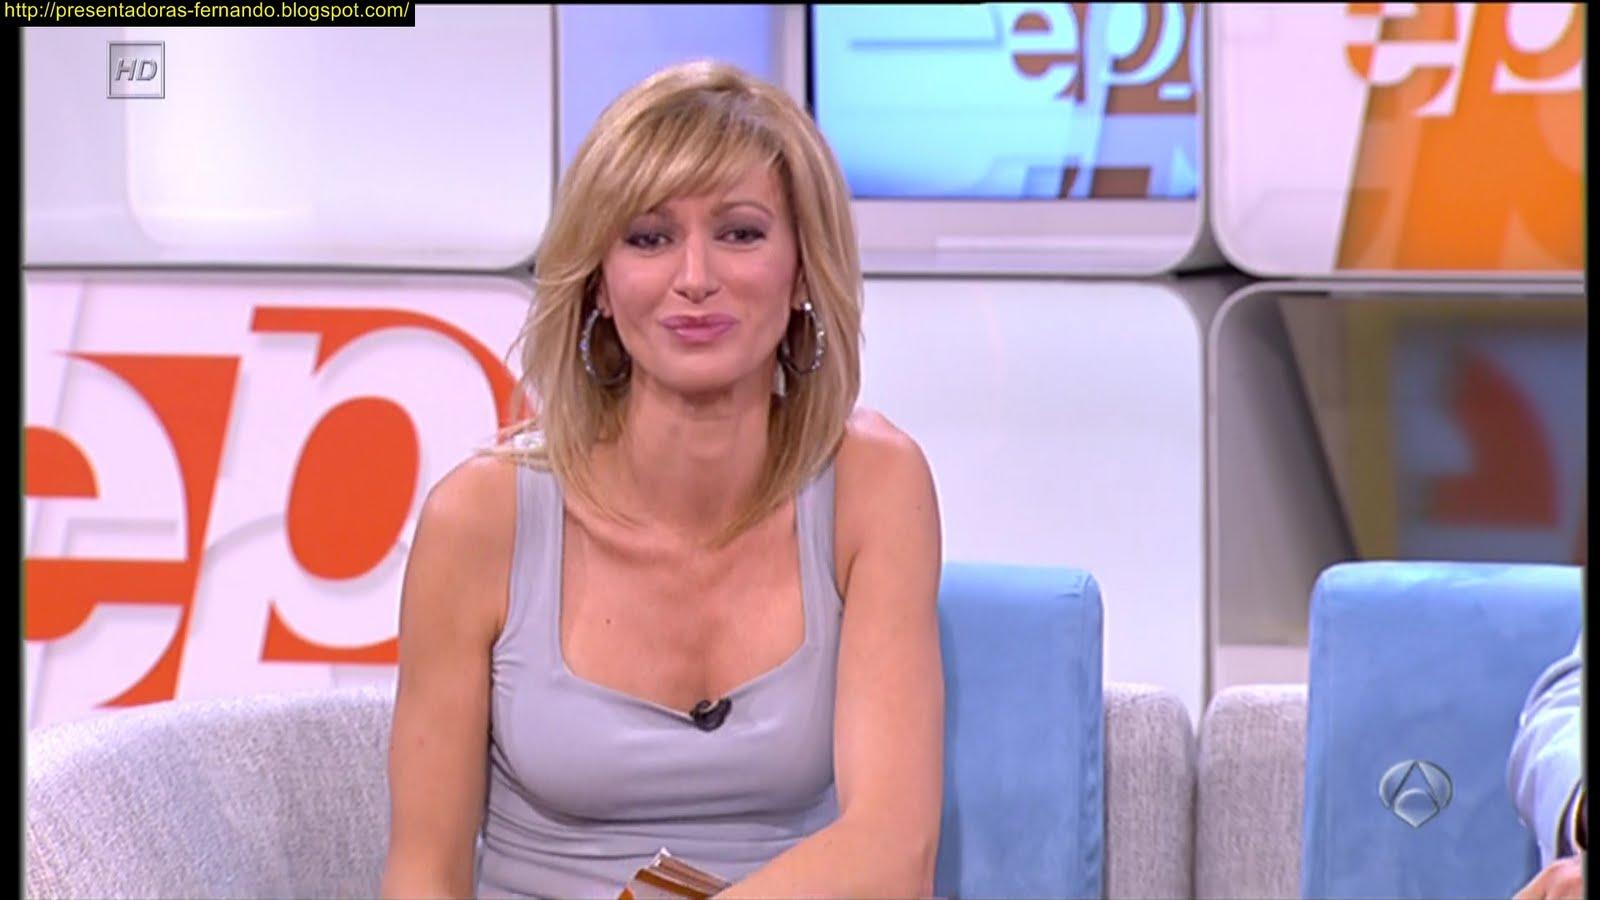 Presentadoras fernando susana griso marcando escote en camiseta 27 9 2011 - Espejo publico hoy ...